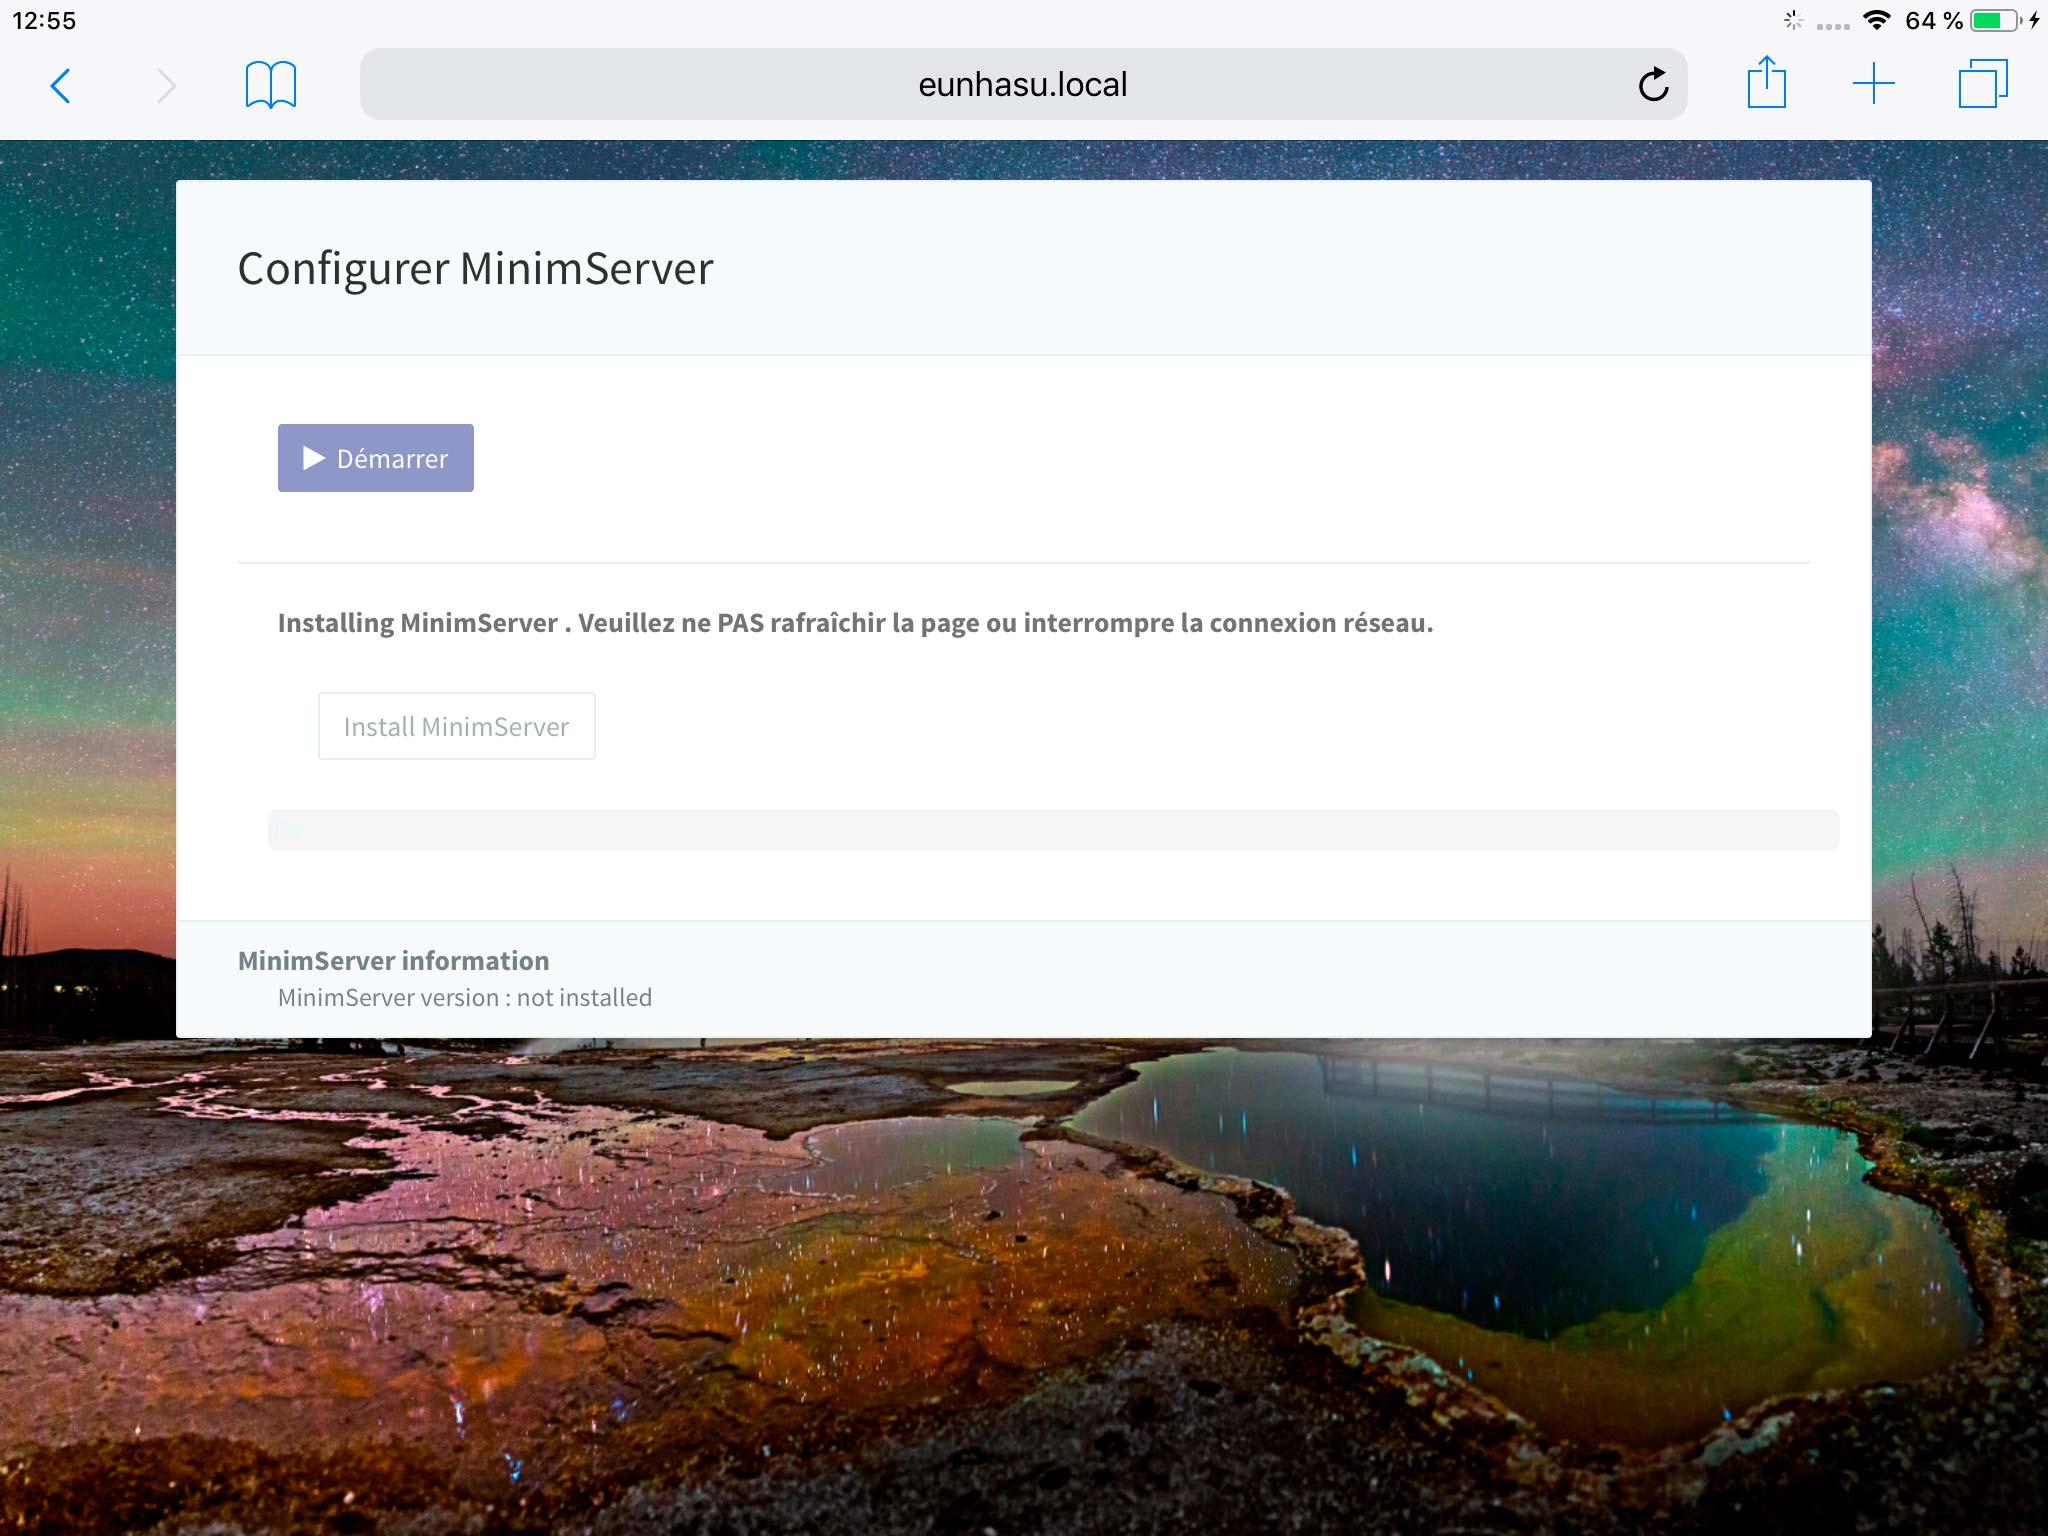 Téléchargement du logiciel serveur MinimServer depuis l'interface Web de configuration du lecteur SOtM